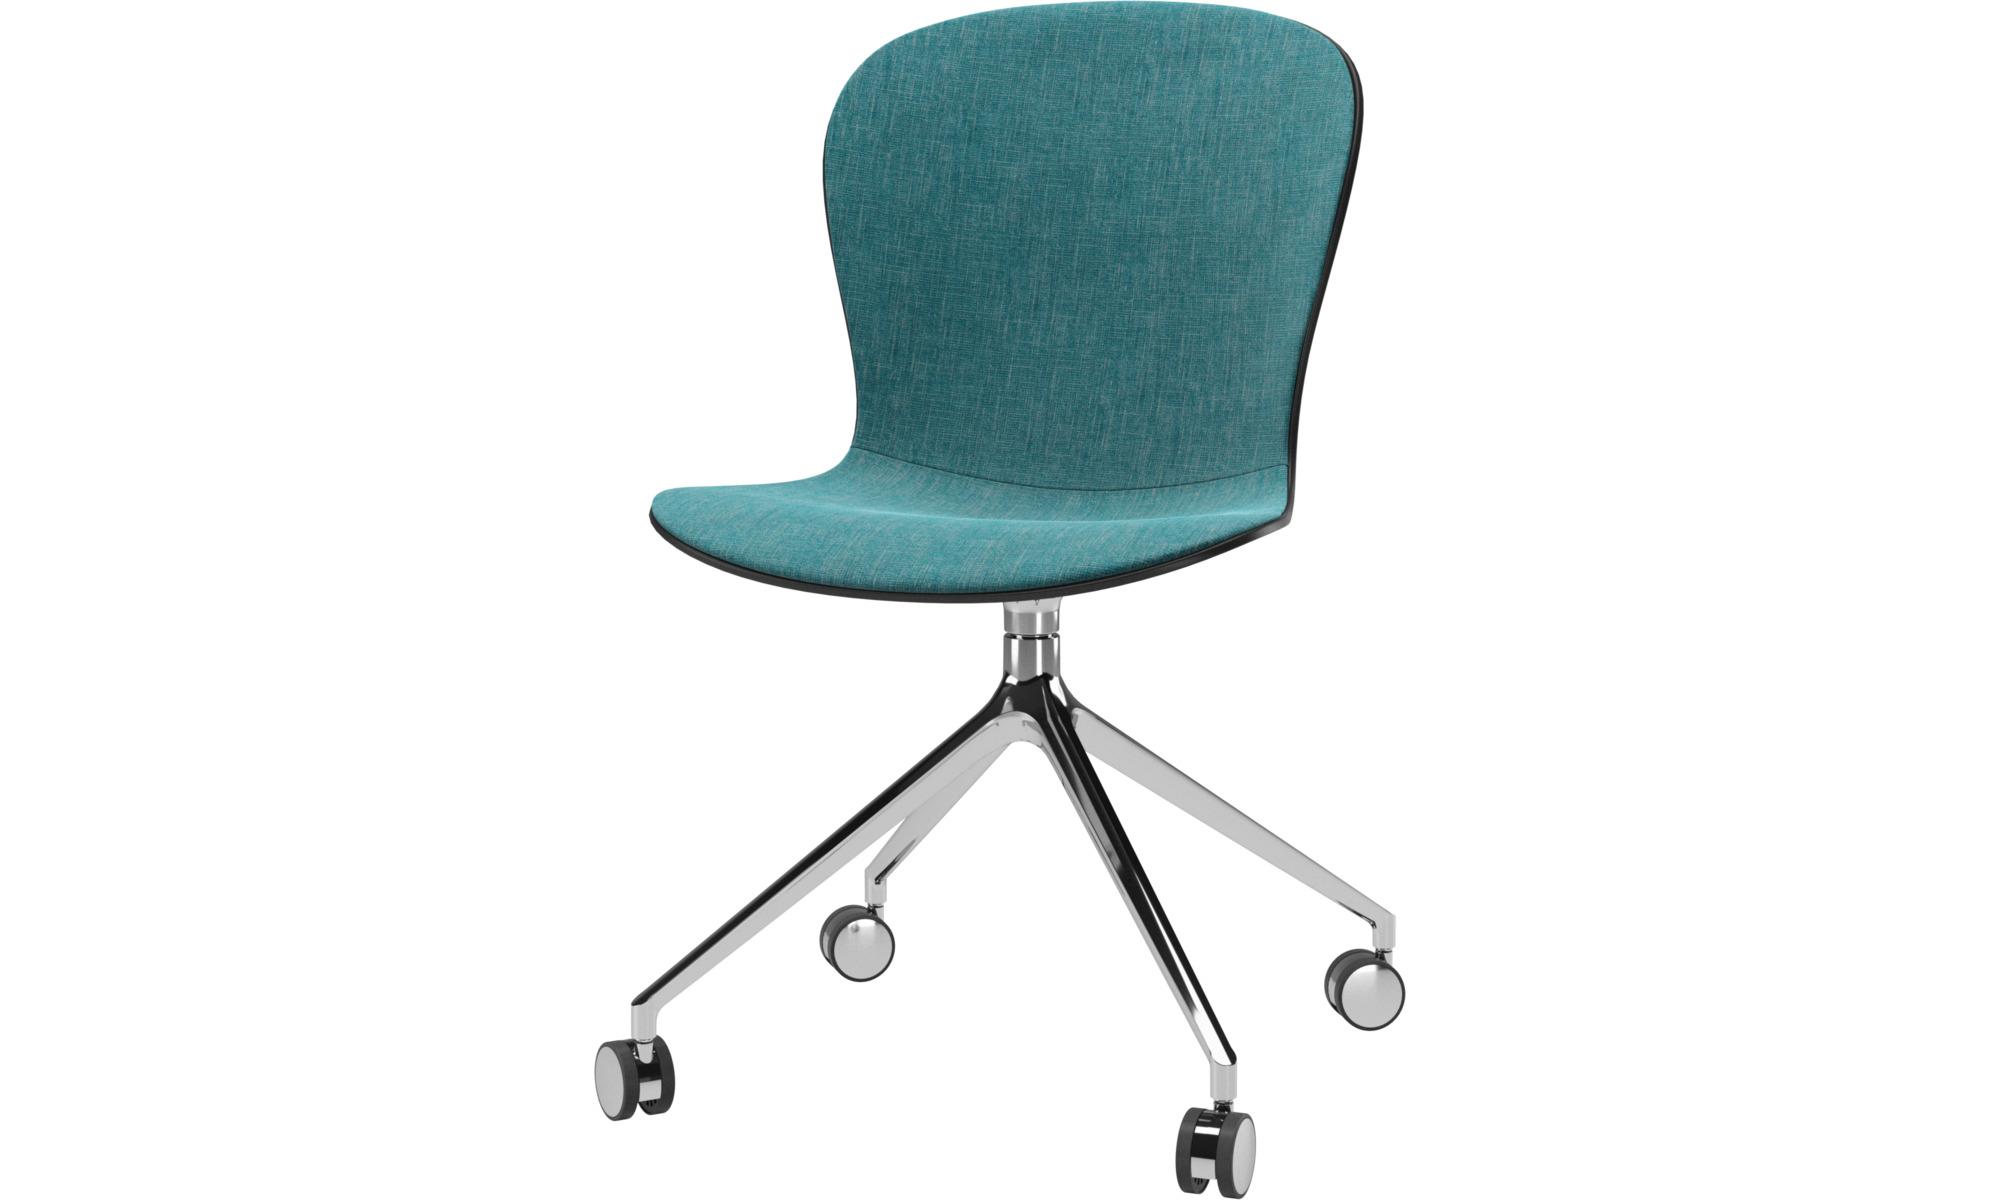 Cadeiras de secretária para Home office - Cadeira Adelaide giratória com rodas - Azul - Tecido